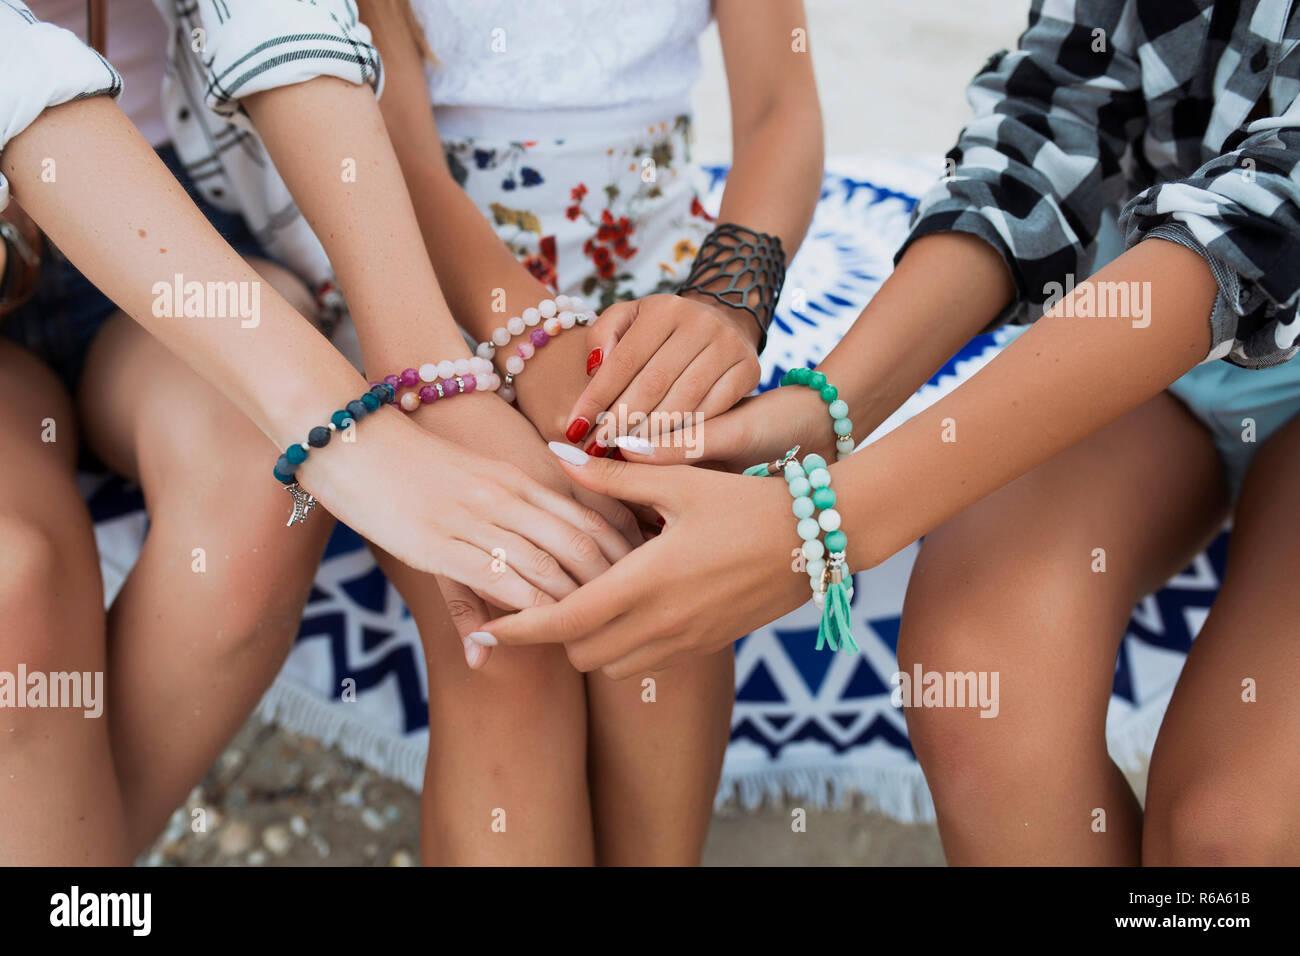 Photo en gros plan des mains avec différents bracelets lumineux et accessoires. Main dans la main ensemble, l'amitié et l'amour. Tir d'été Photo Stock